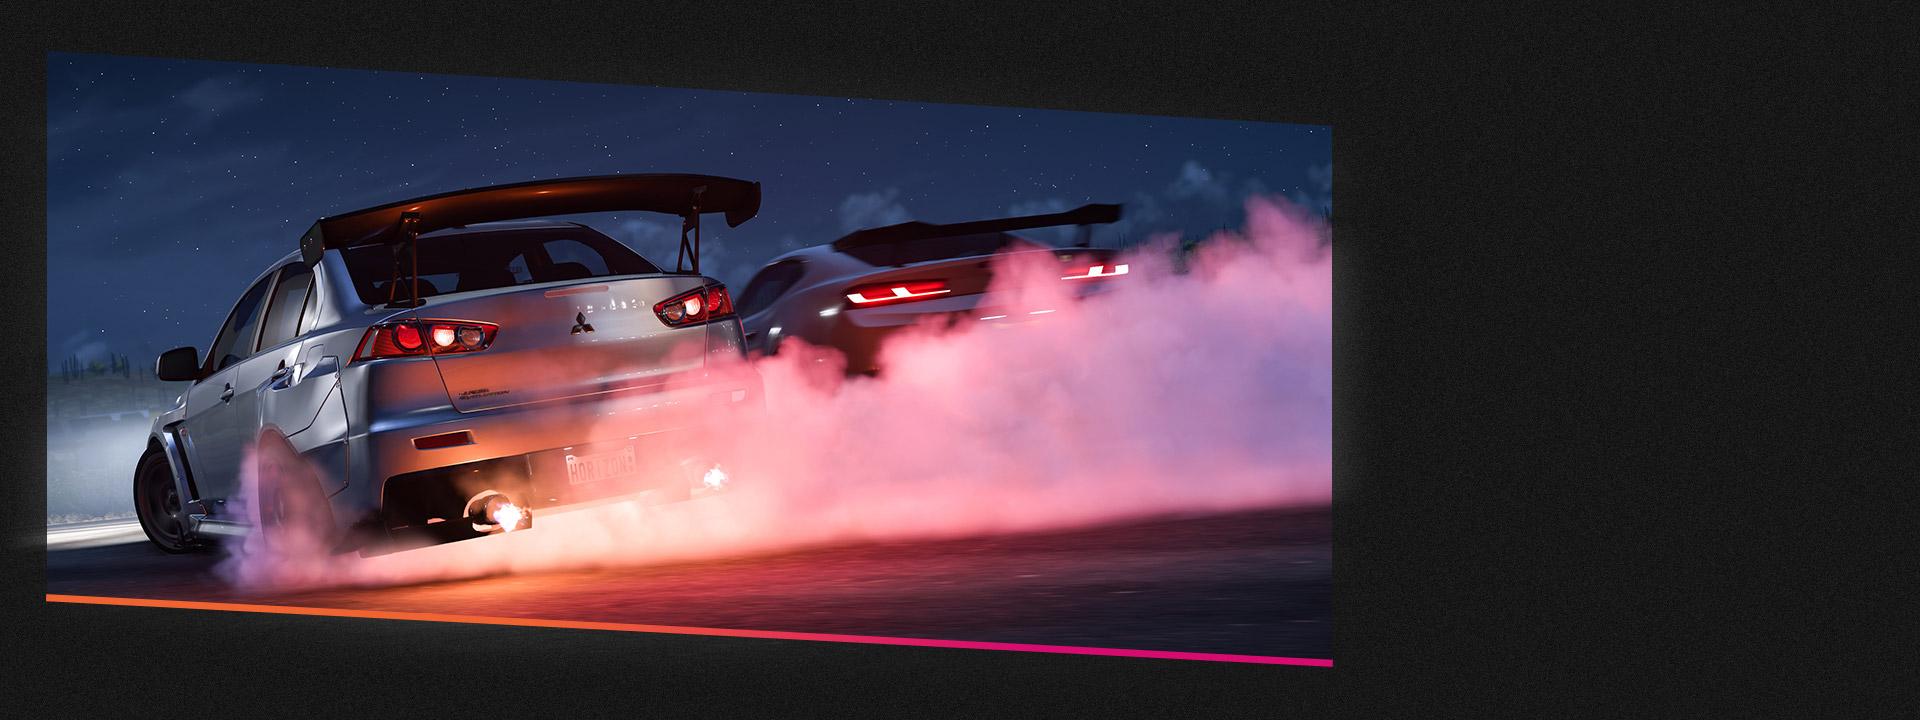 연기가 나는 타이어를 단 채 경주하는 자동차 두 대.